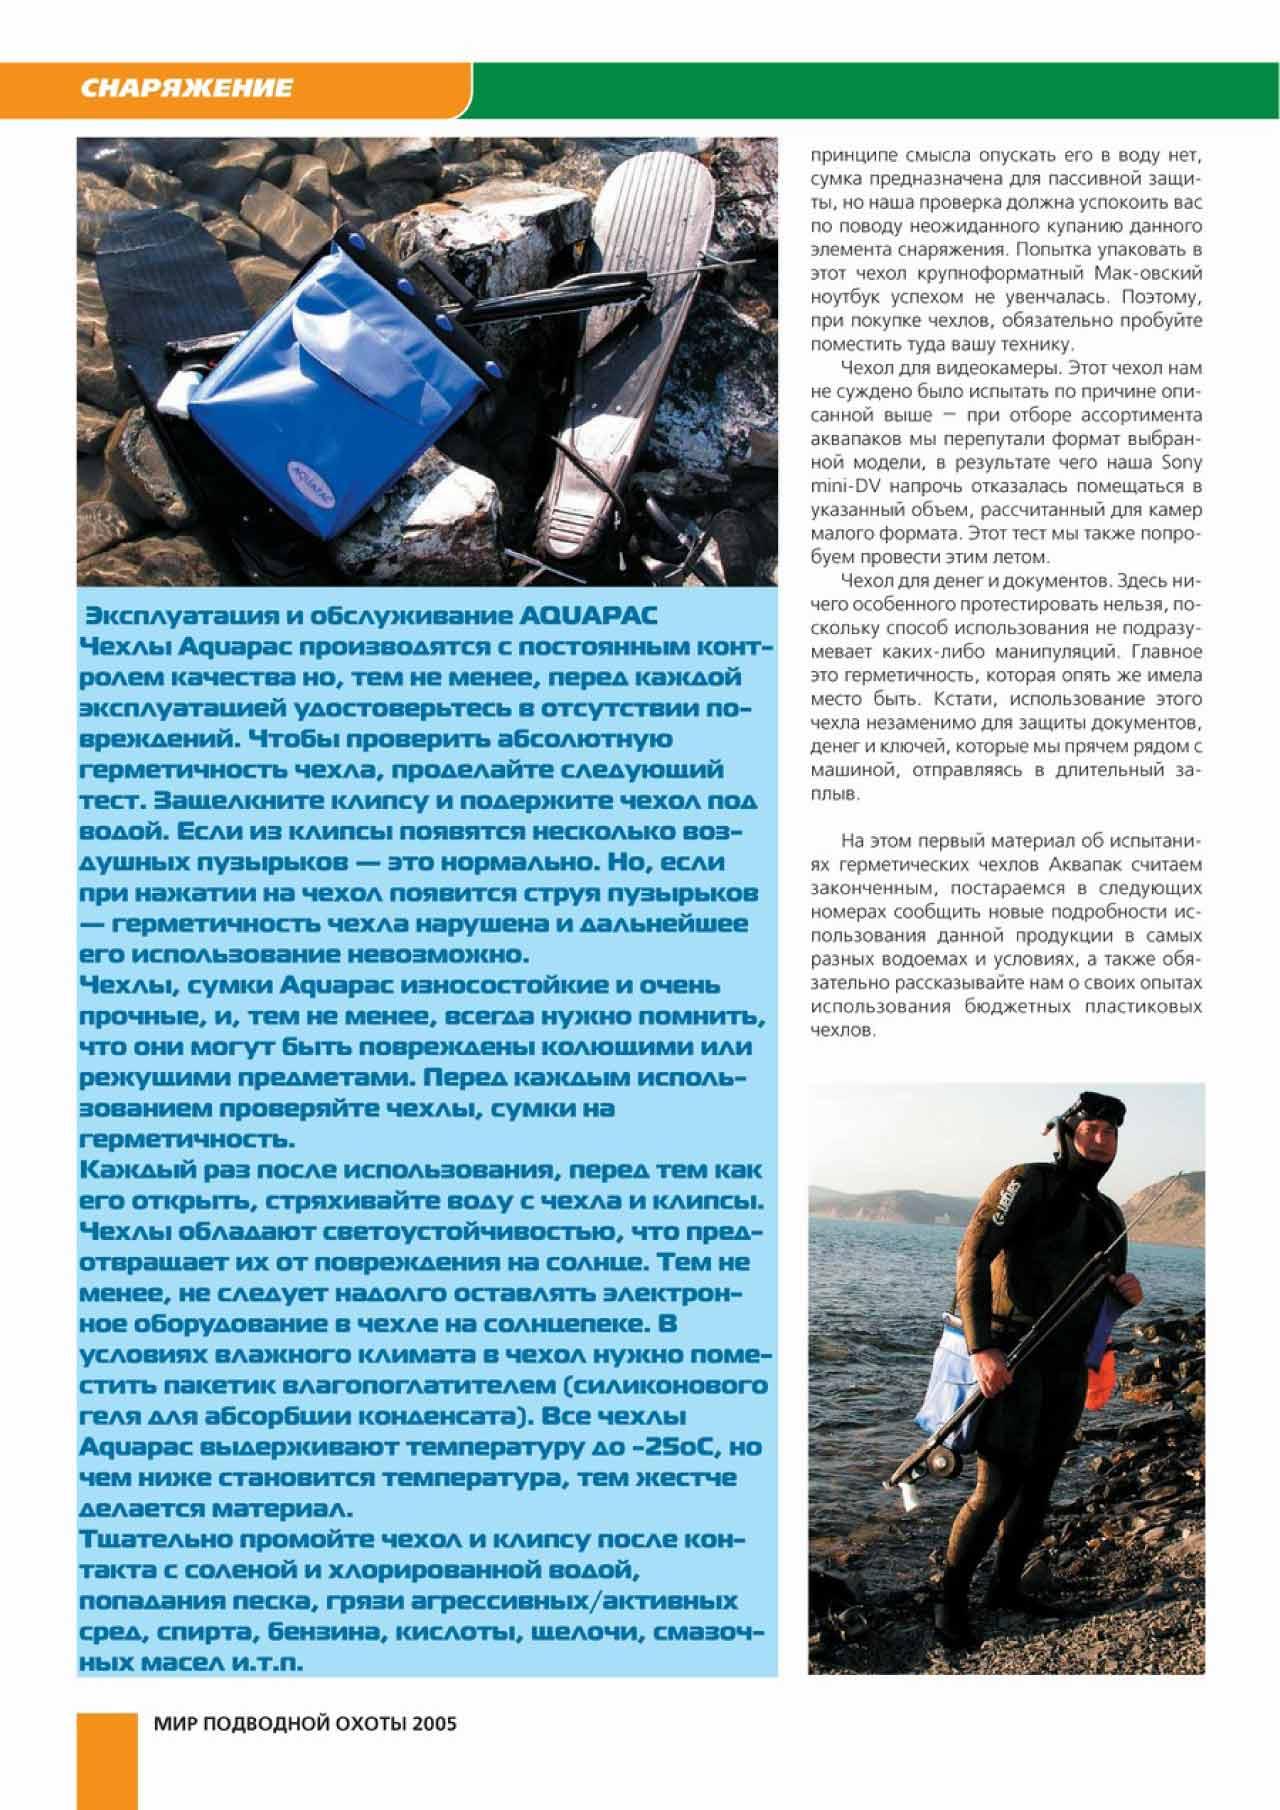 Морские тесты Аквапака